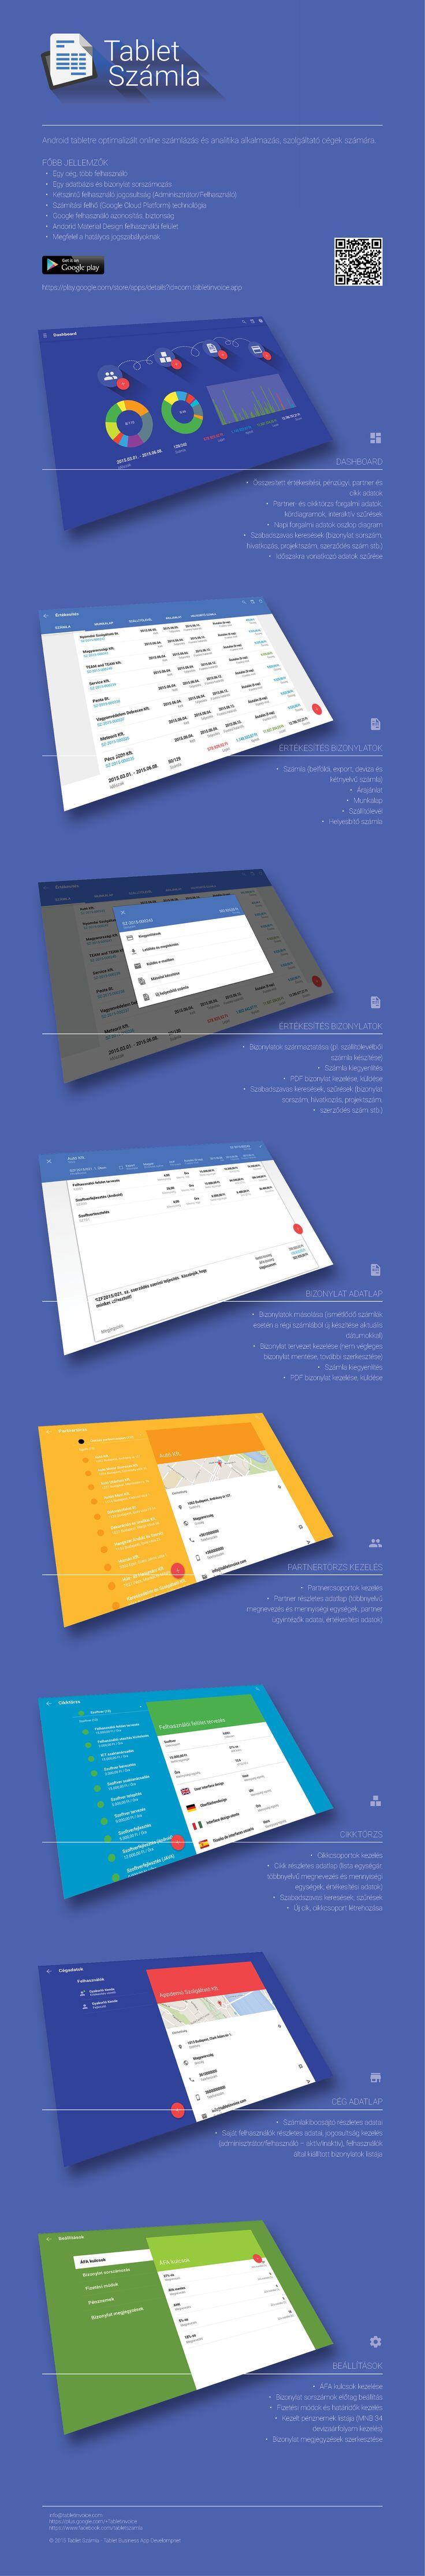 Tablet Számla Online Számlázó és Analitika App felhasználói felület és felhasználói élmény (UI/UX).  #ui, #ux, #számlázó, #onlineszámlázó, #számlázóapp